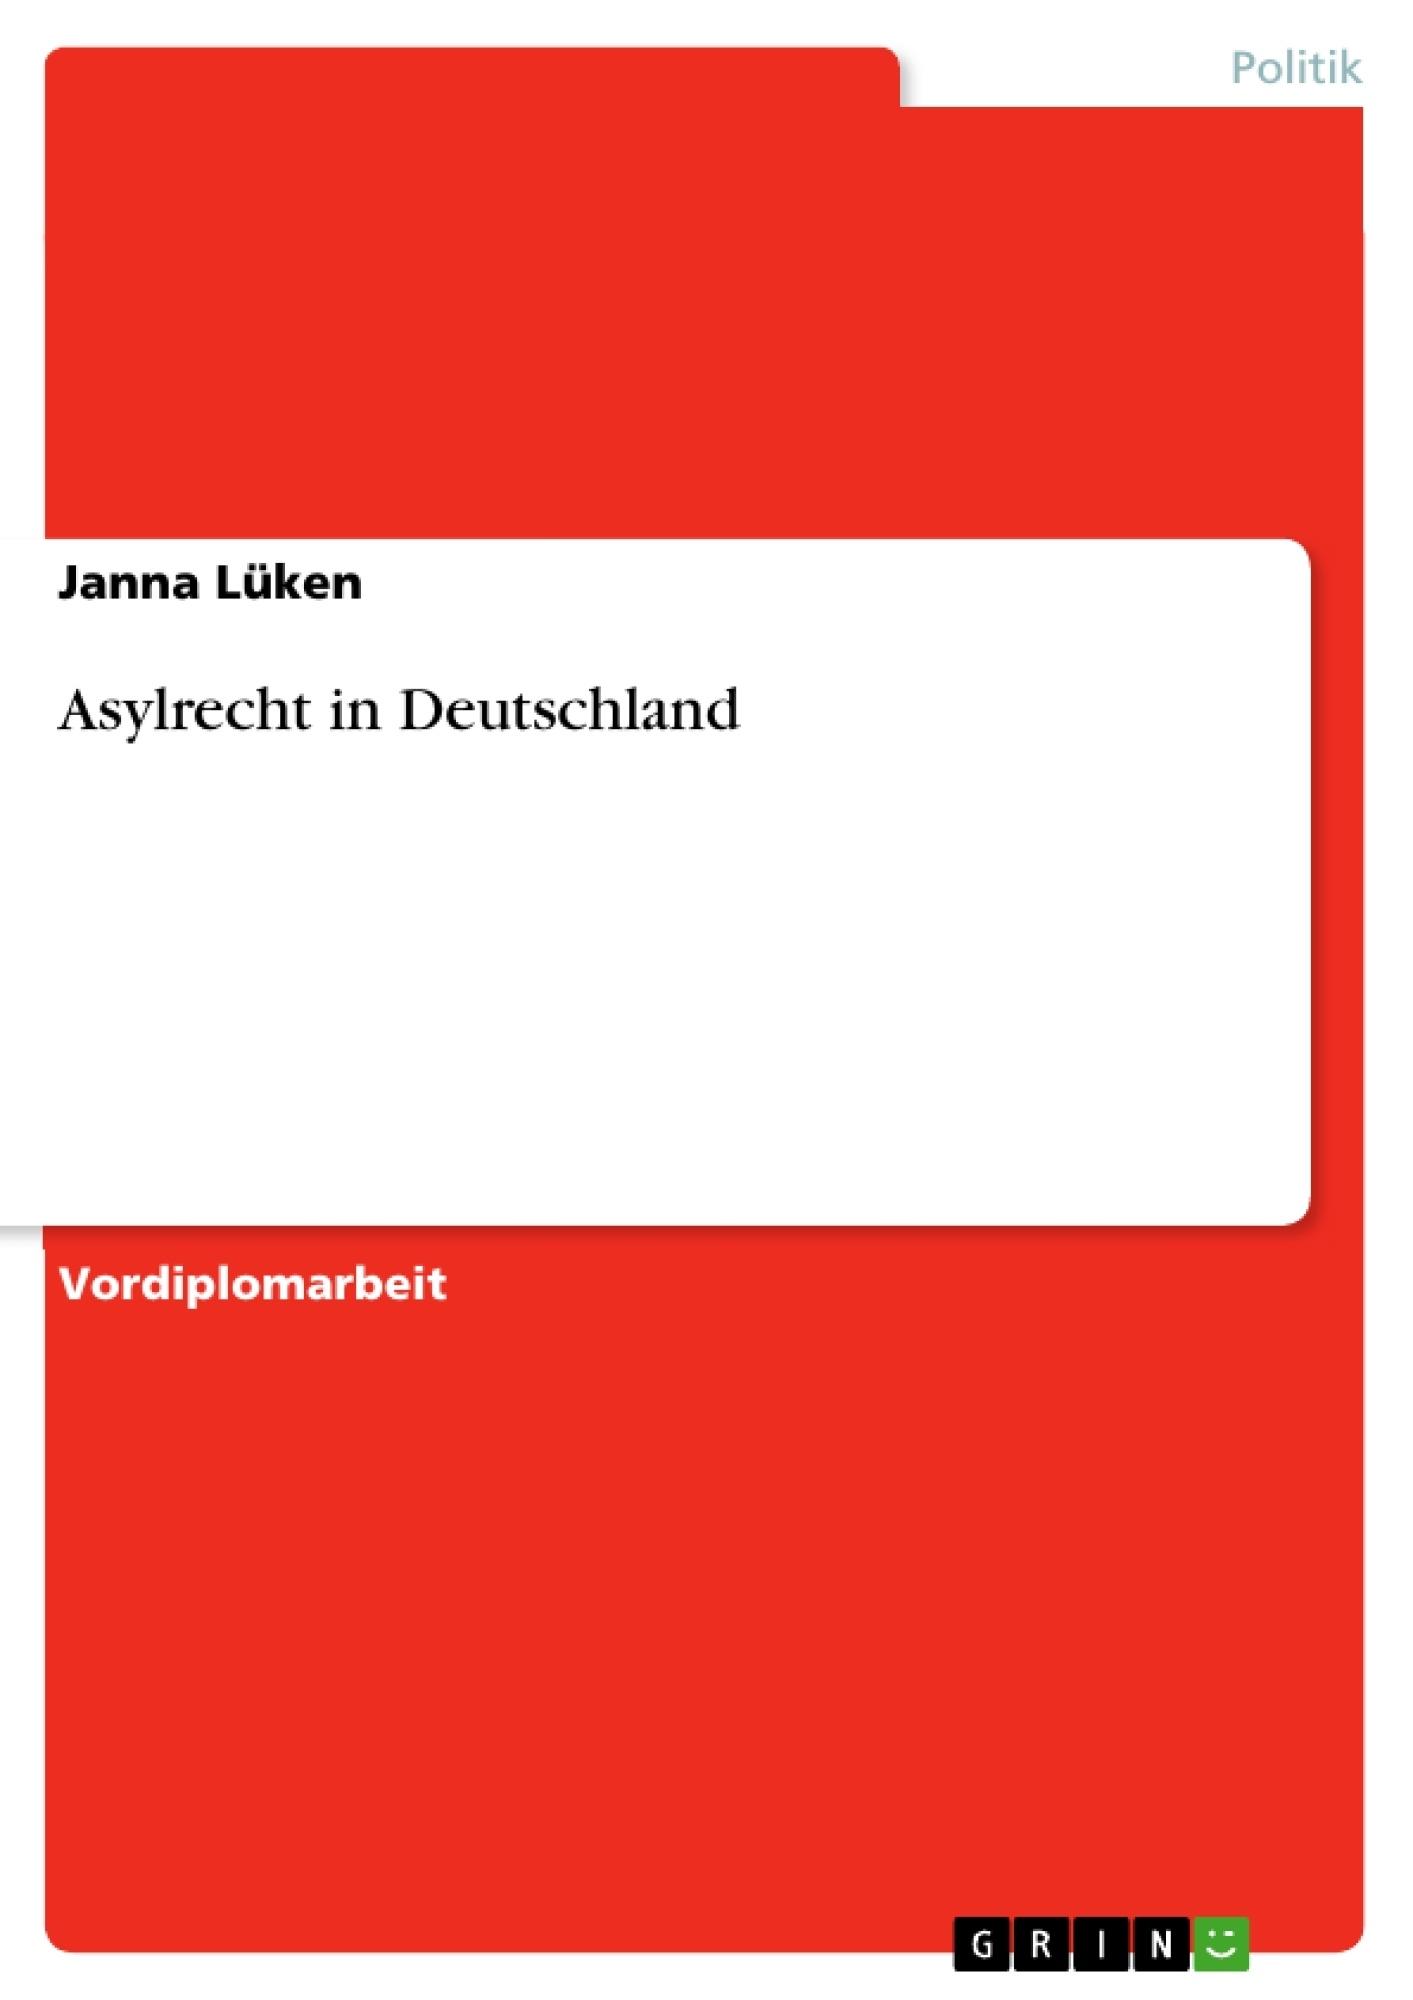 Titel: Asylrecht in Deutschland